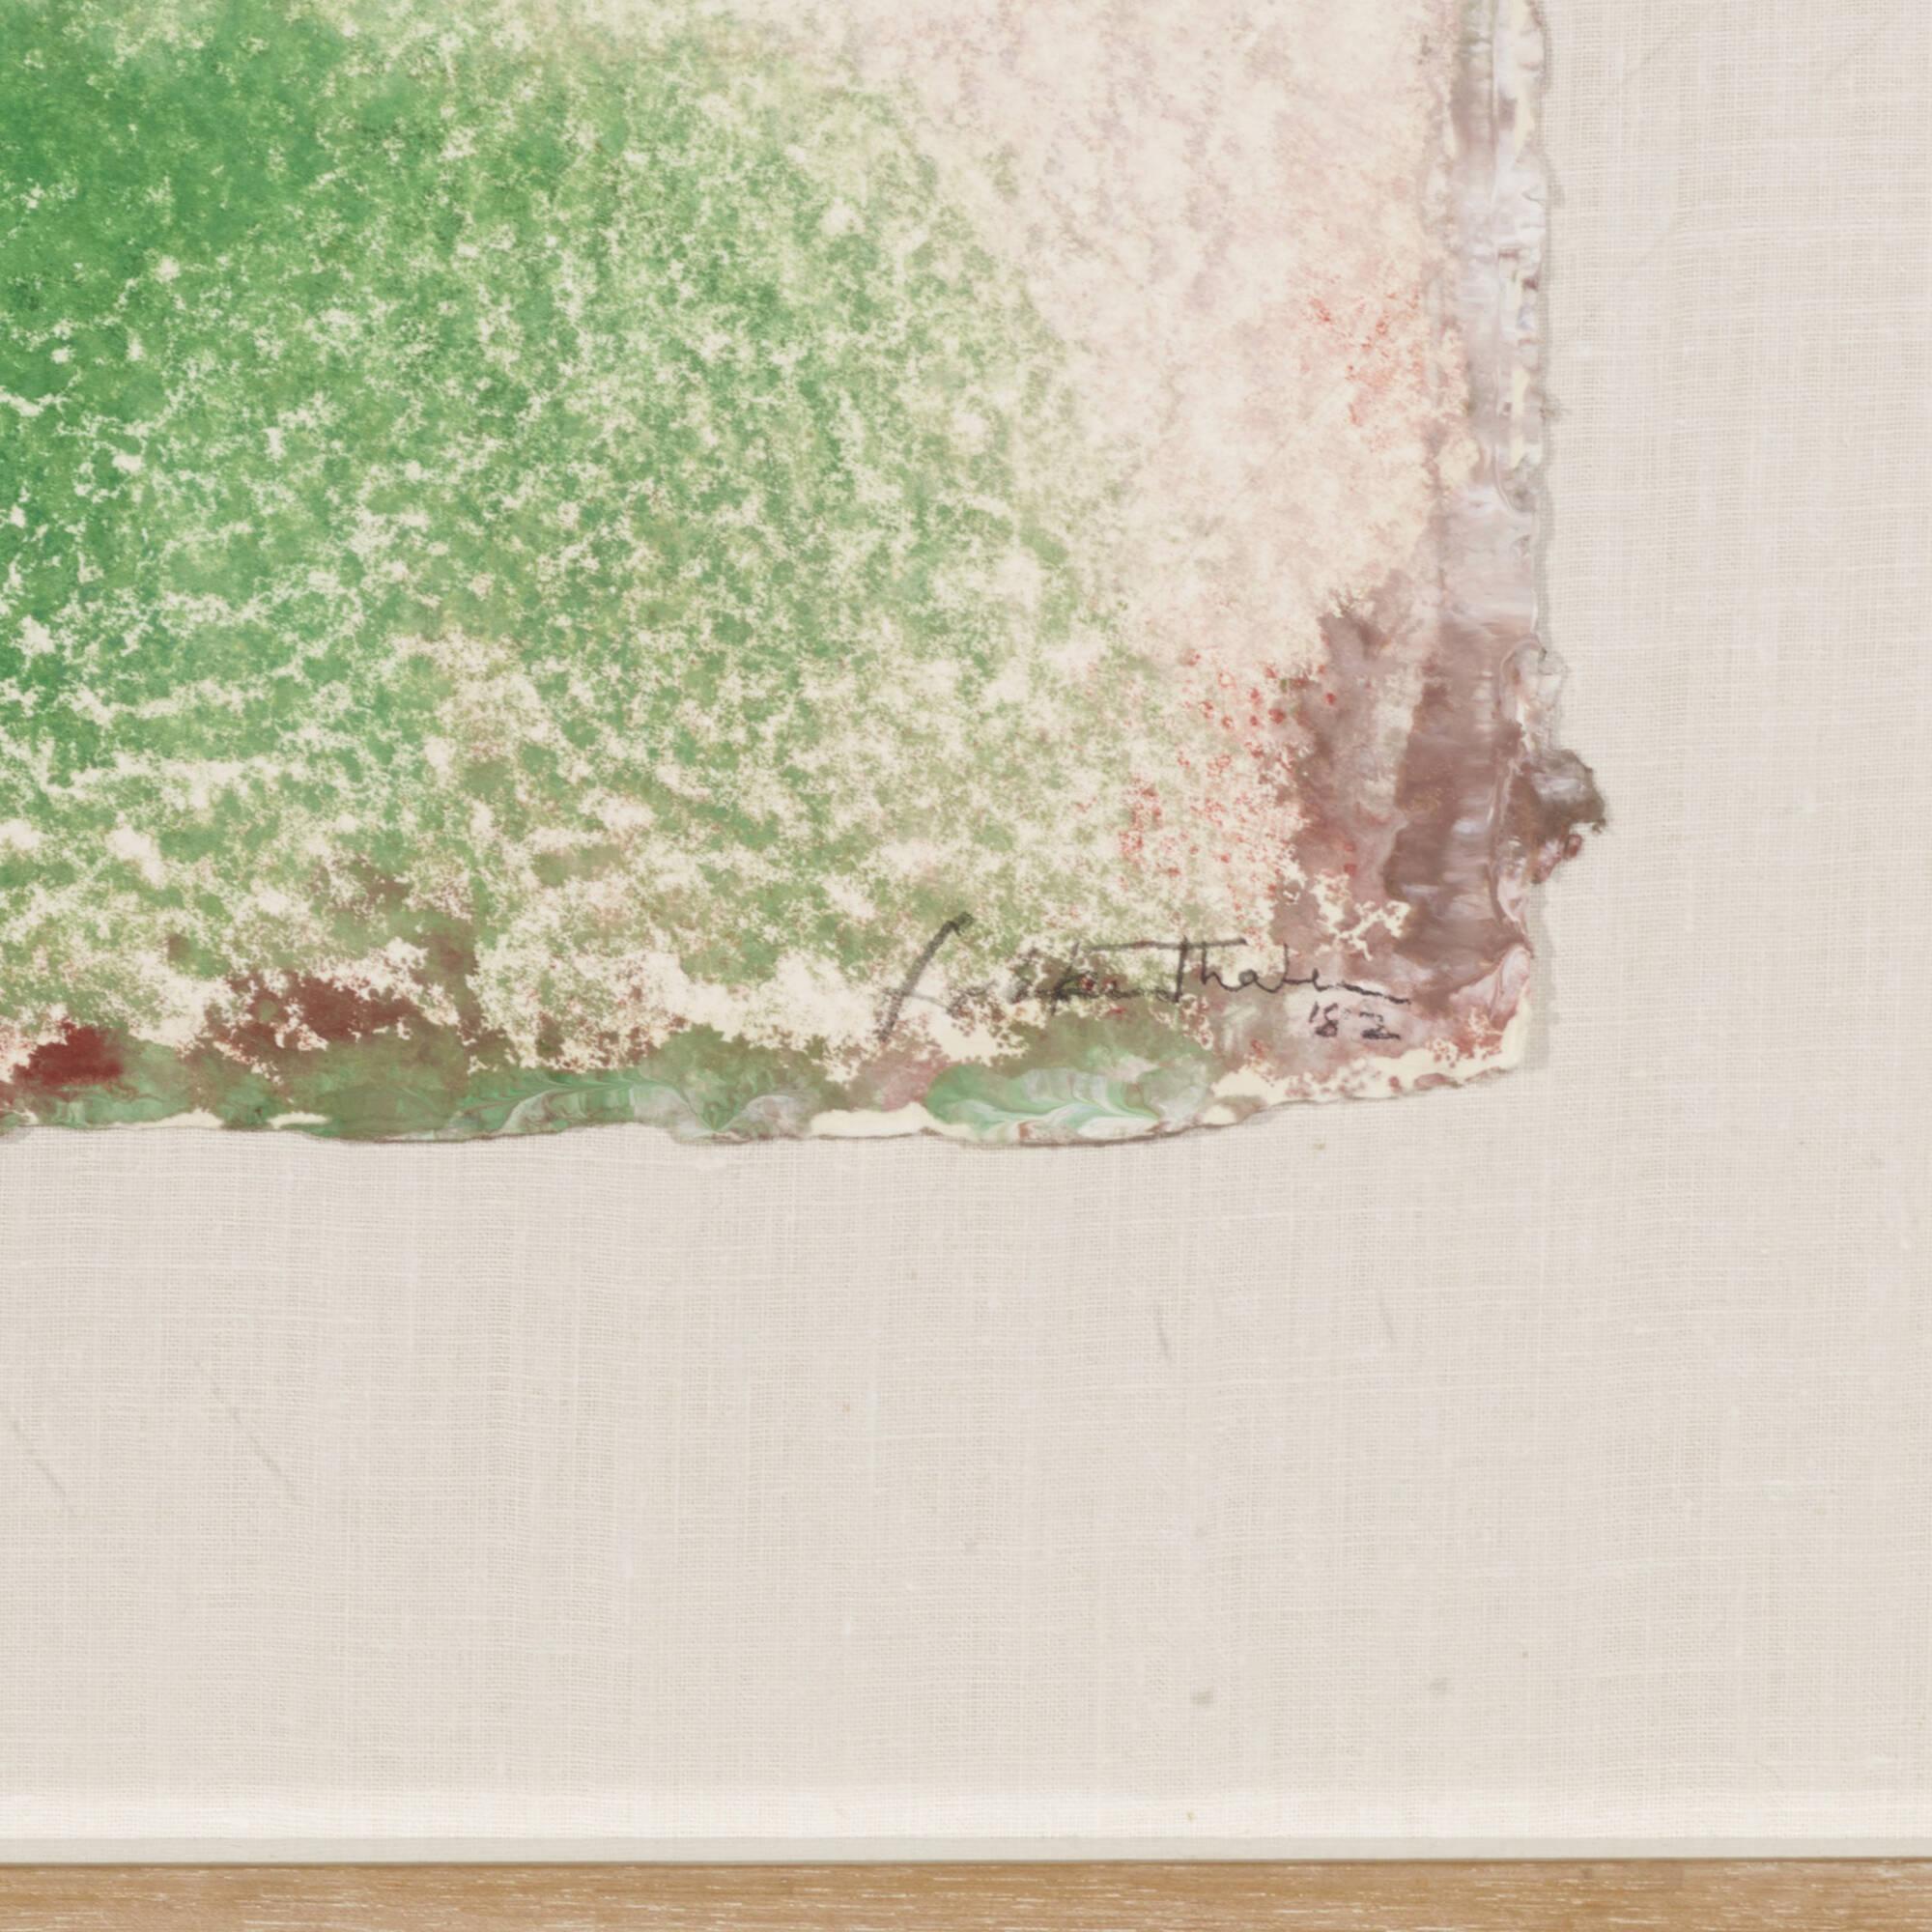 102: Helen Frankenthaler / Bay Area Tuesday III (2 of 2)